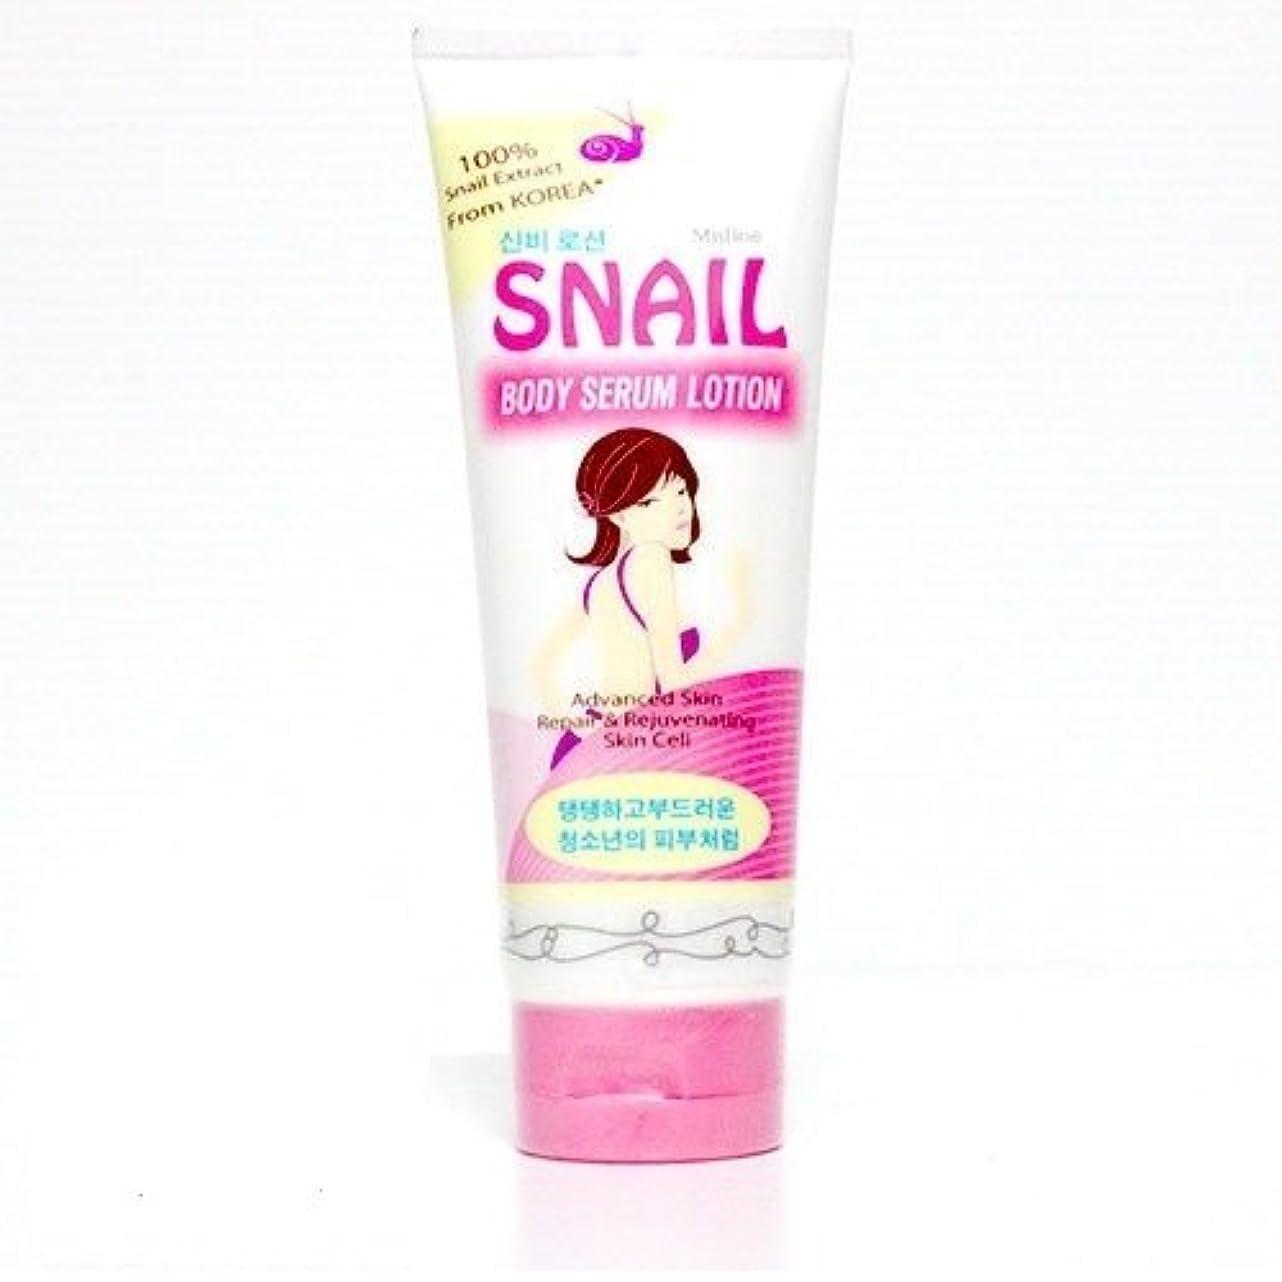 あさりレンジ受信機Mistine Snail Body Serum Lotion 2 packs by Mistine [並行輸入品]